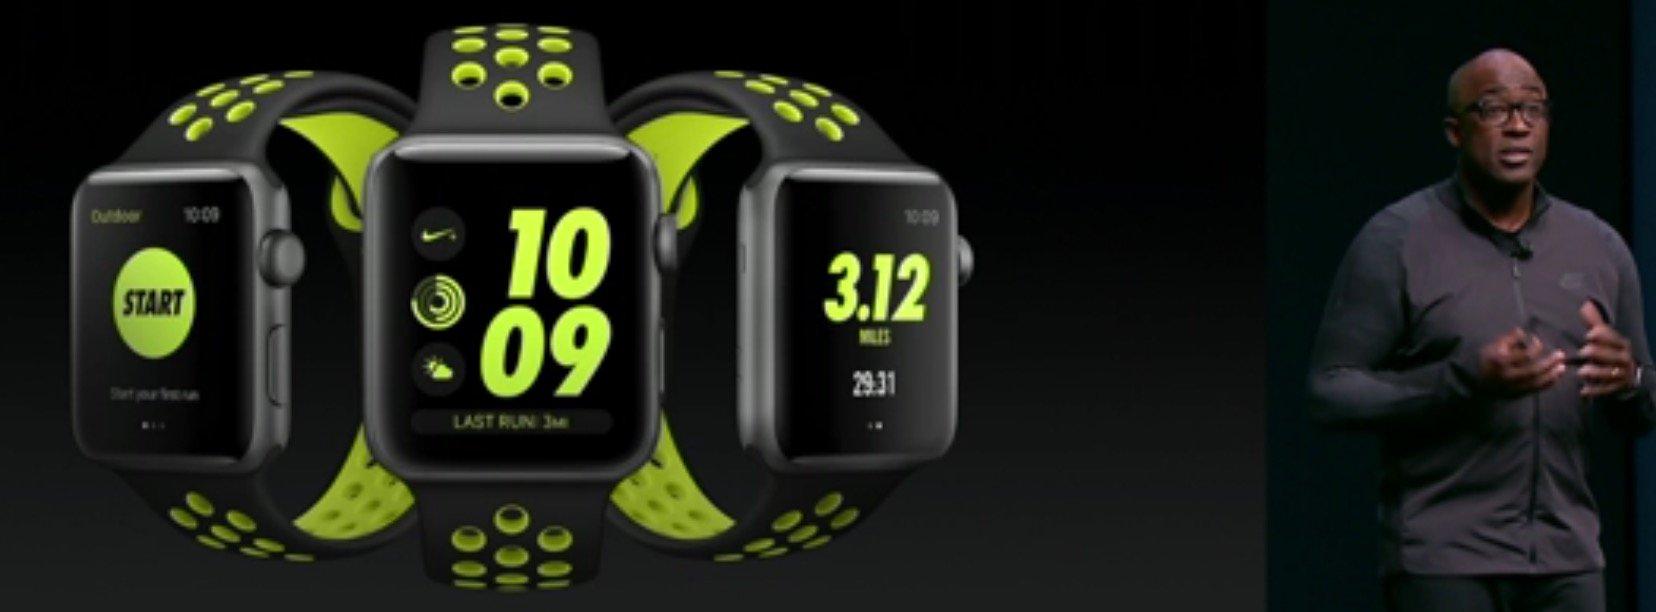 Apple Watch Series 2 Built-in GPS